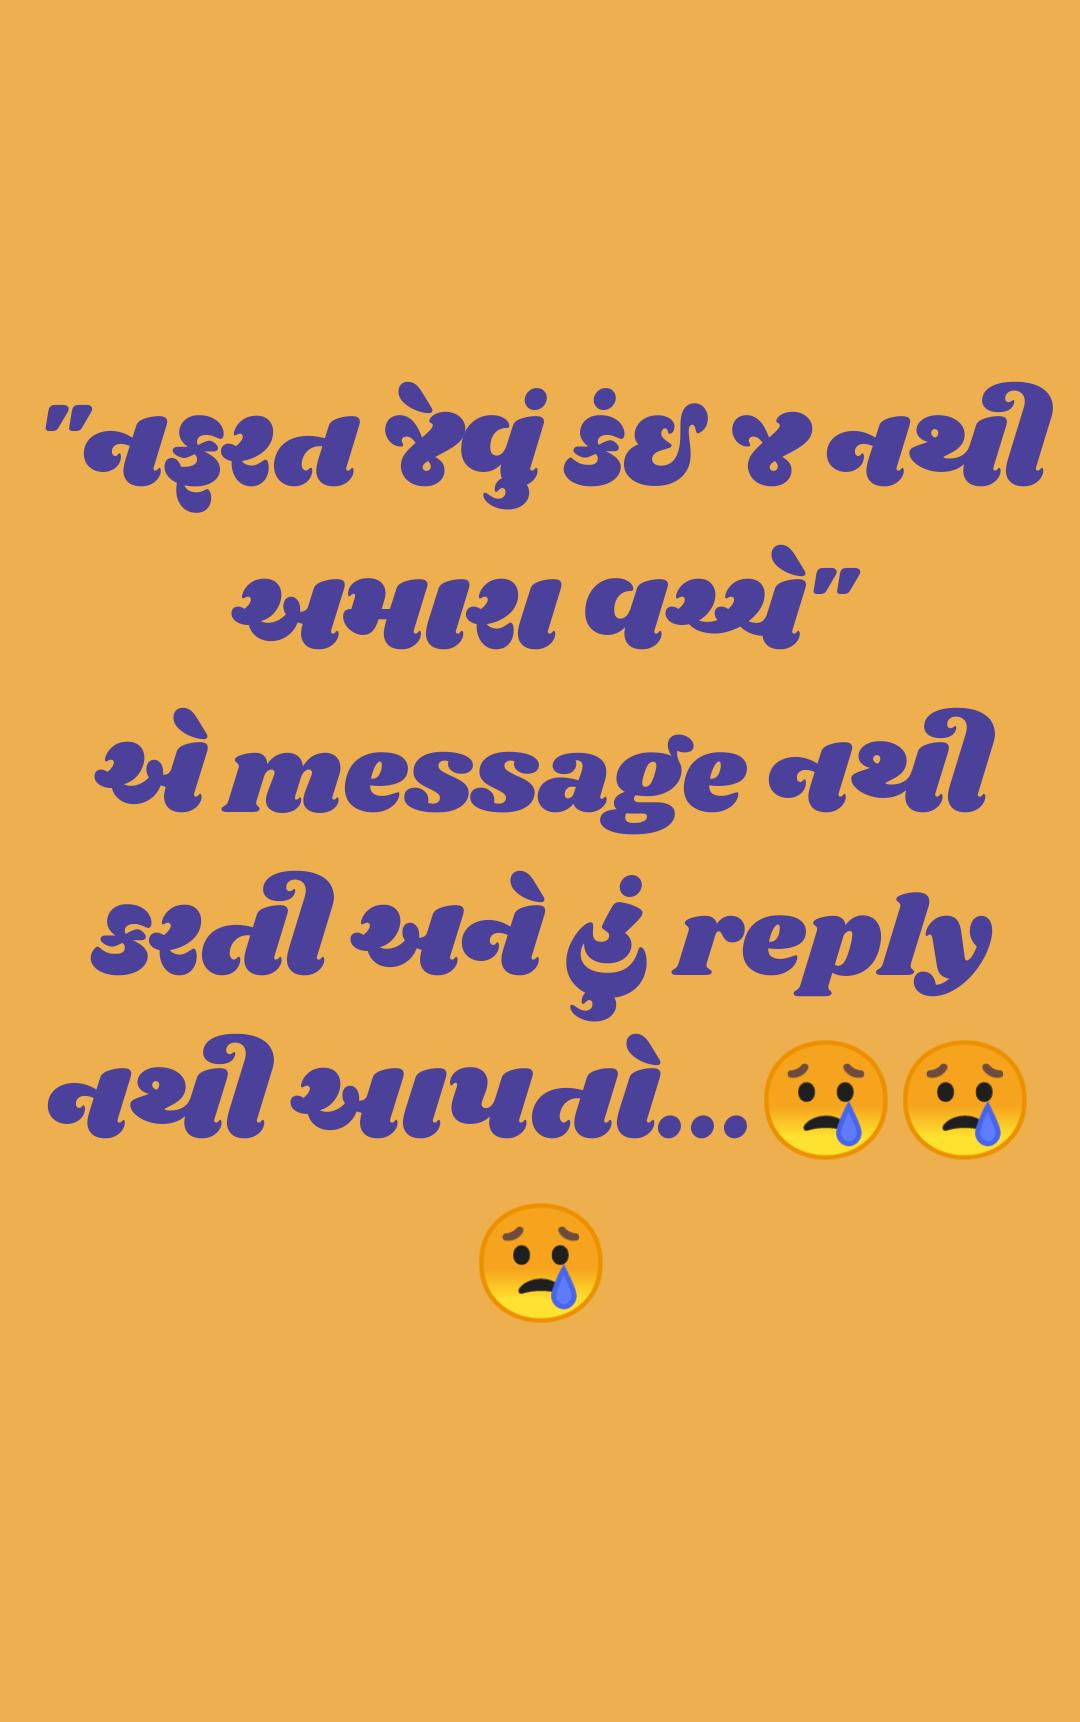 💝 લવ કોટ્સ - નફરત જેવું કંઈ જ નથી આમા વાઈ ei message quil કરતી આનો reply નથી આપતો . . . છે કે - ShareChat